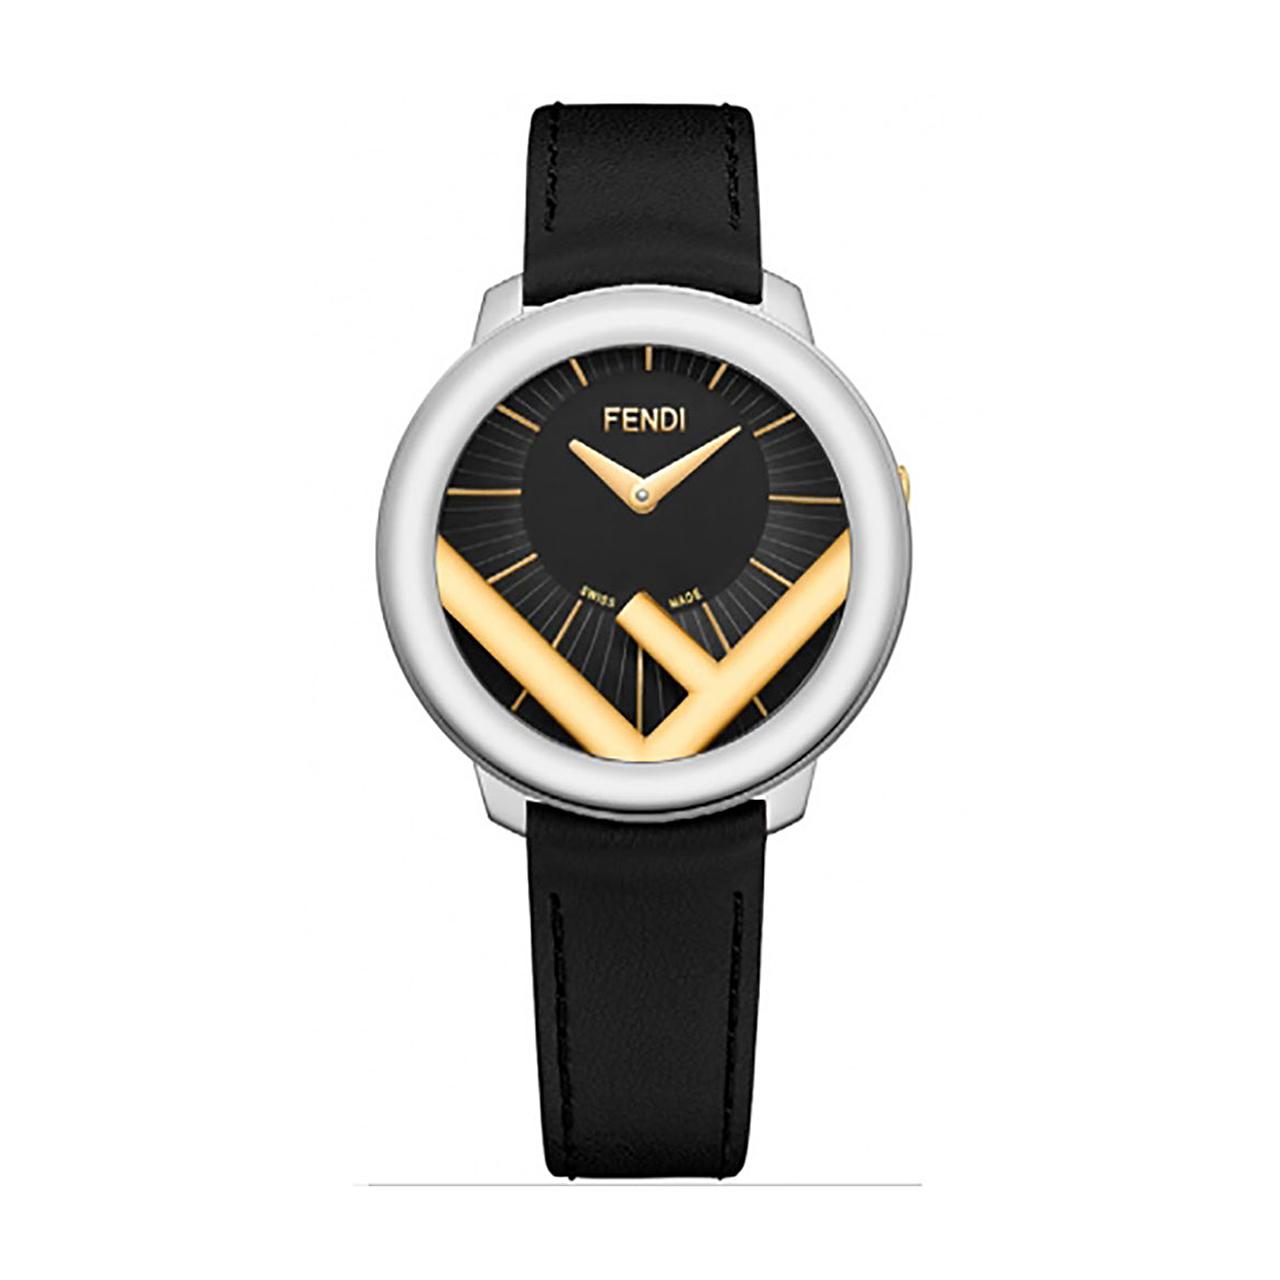 خرید ساعت مچی عقربه ای زنانه فندی مدل F710131011